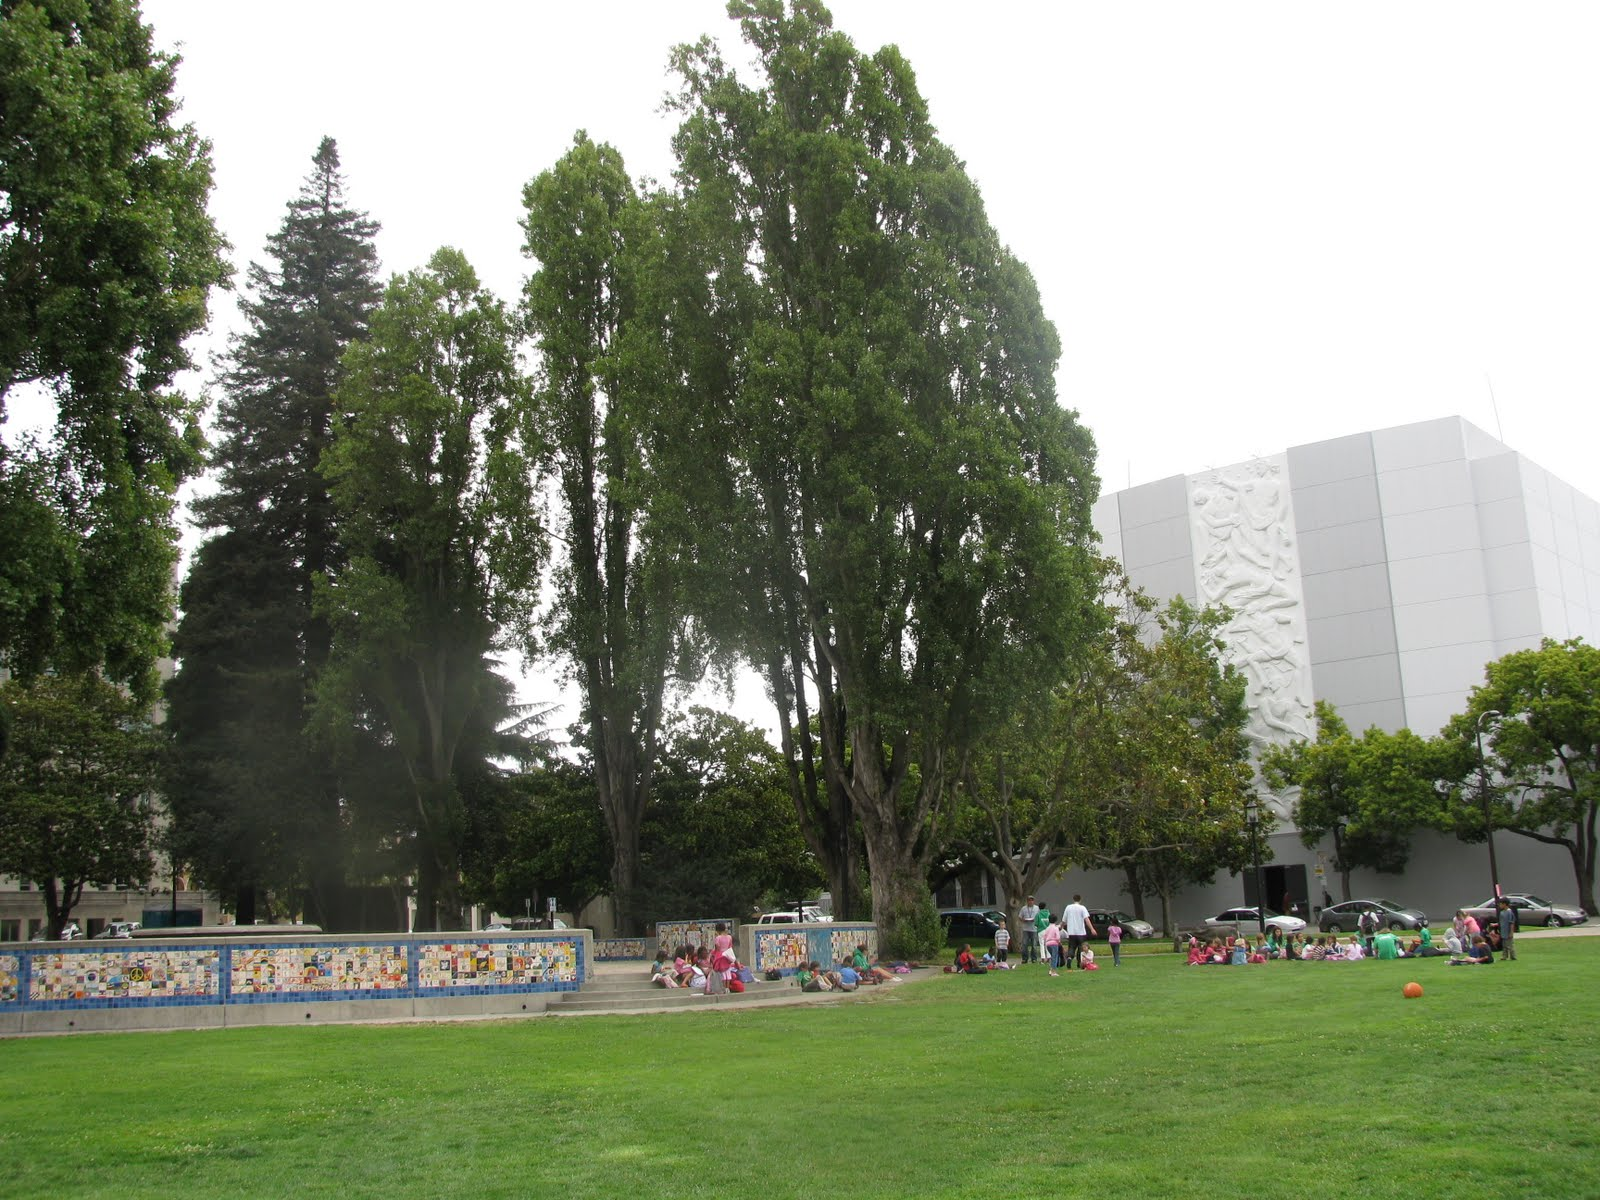 Berkeley in the Sixties: Provo Park, Berkeley Concerts 1967-69